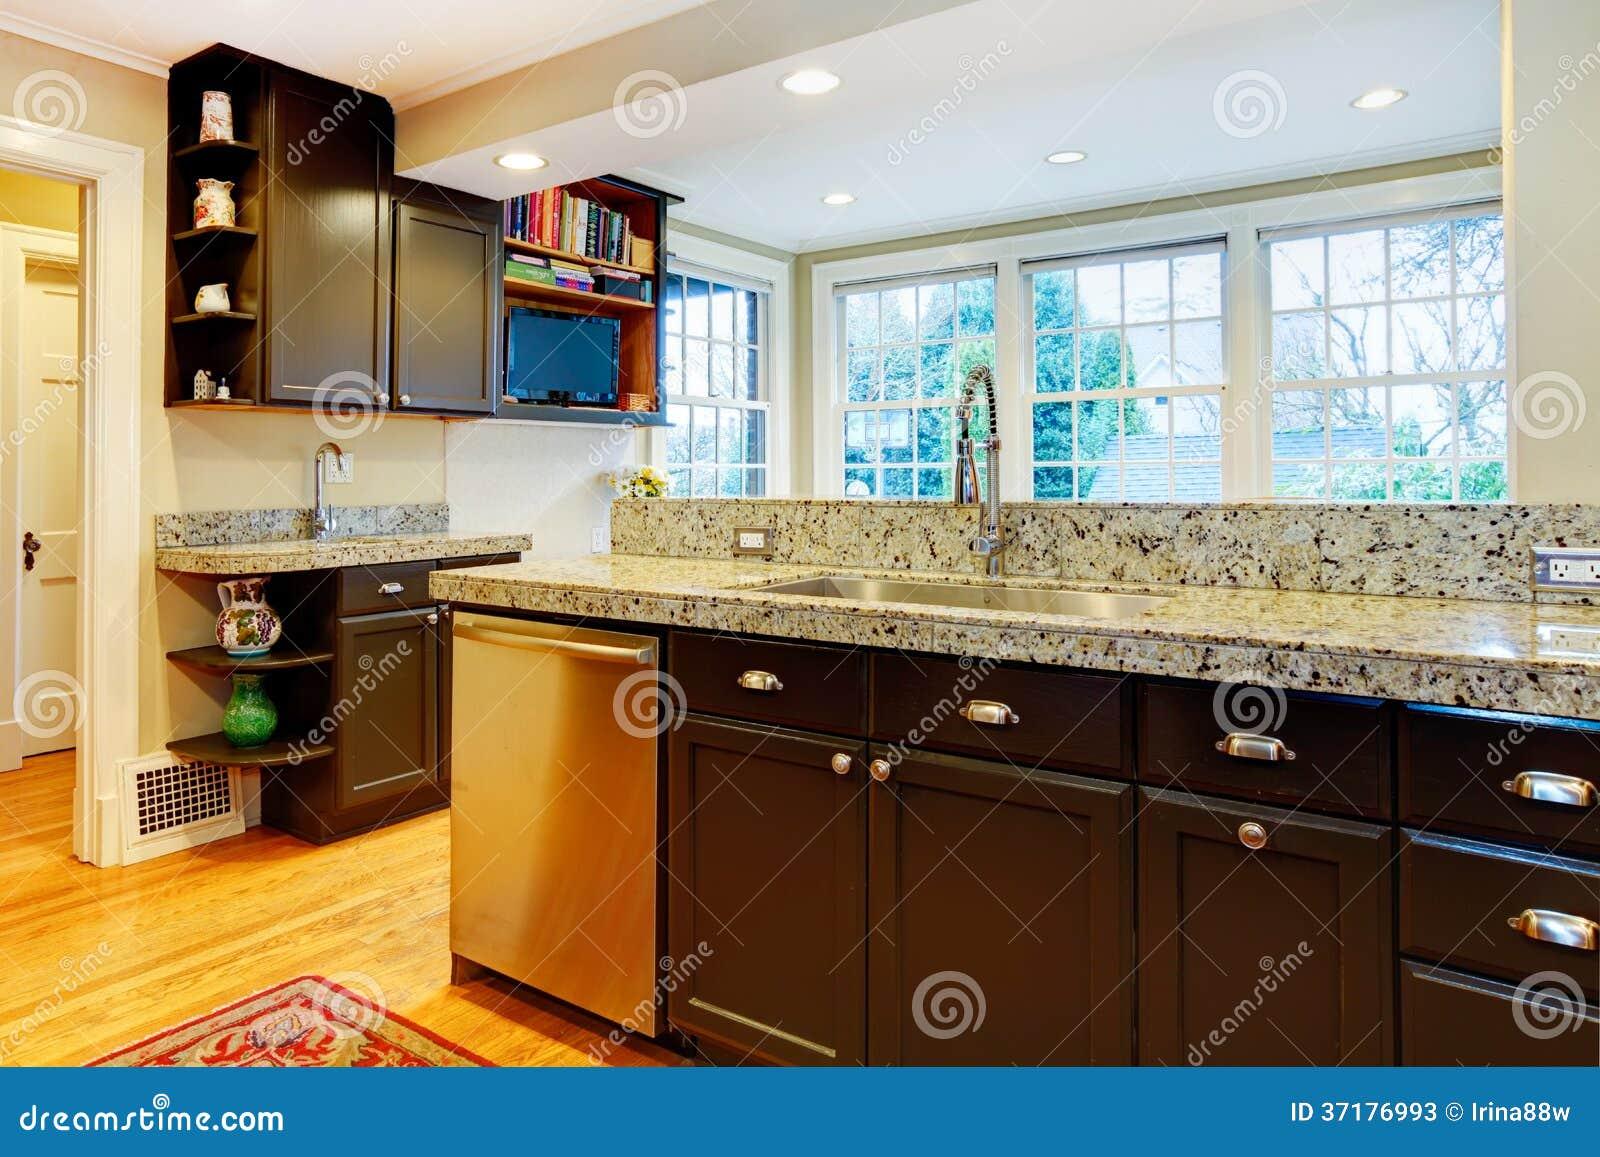 Fotos de Stock: Projeto da cozinha. Armários de madeira pretos parte  #BF880C 1300 957